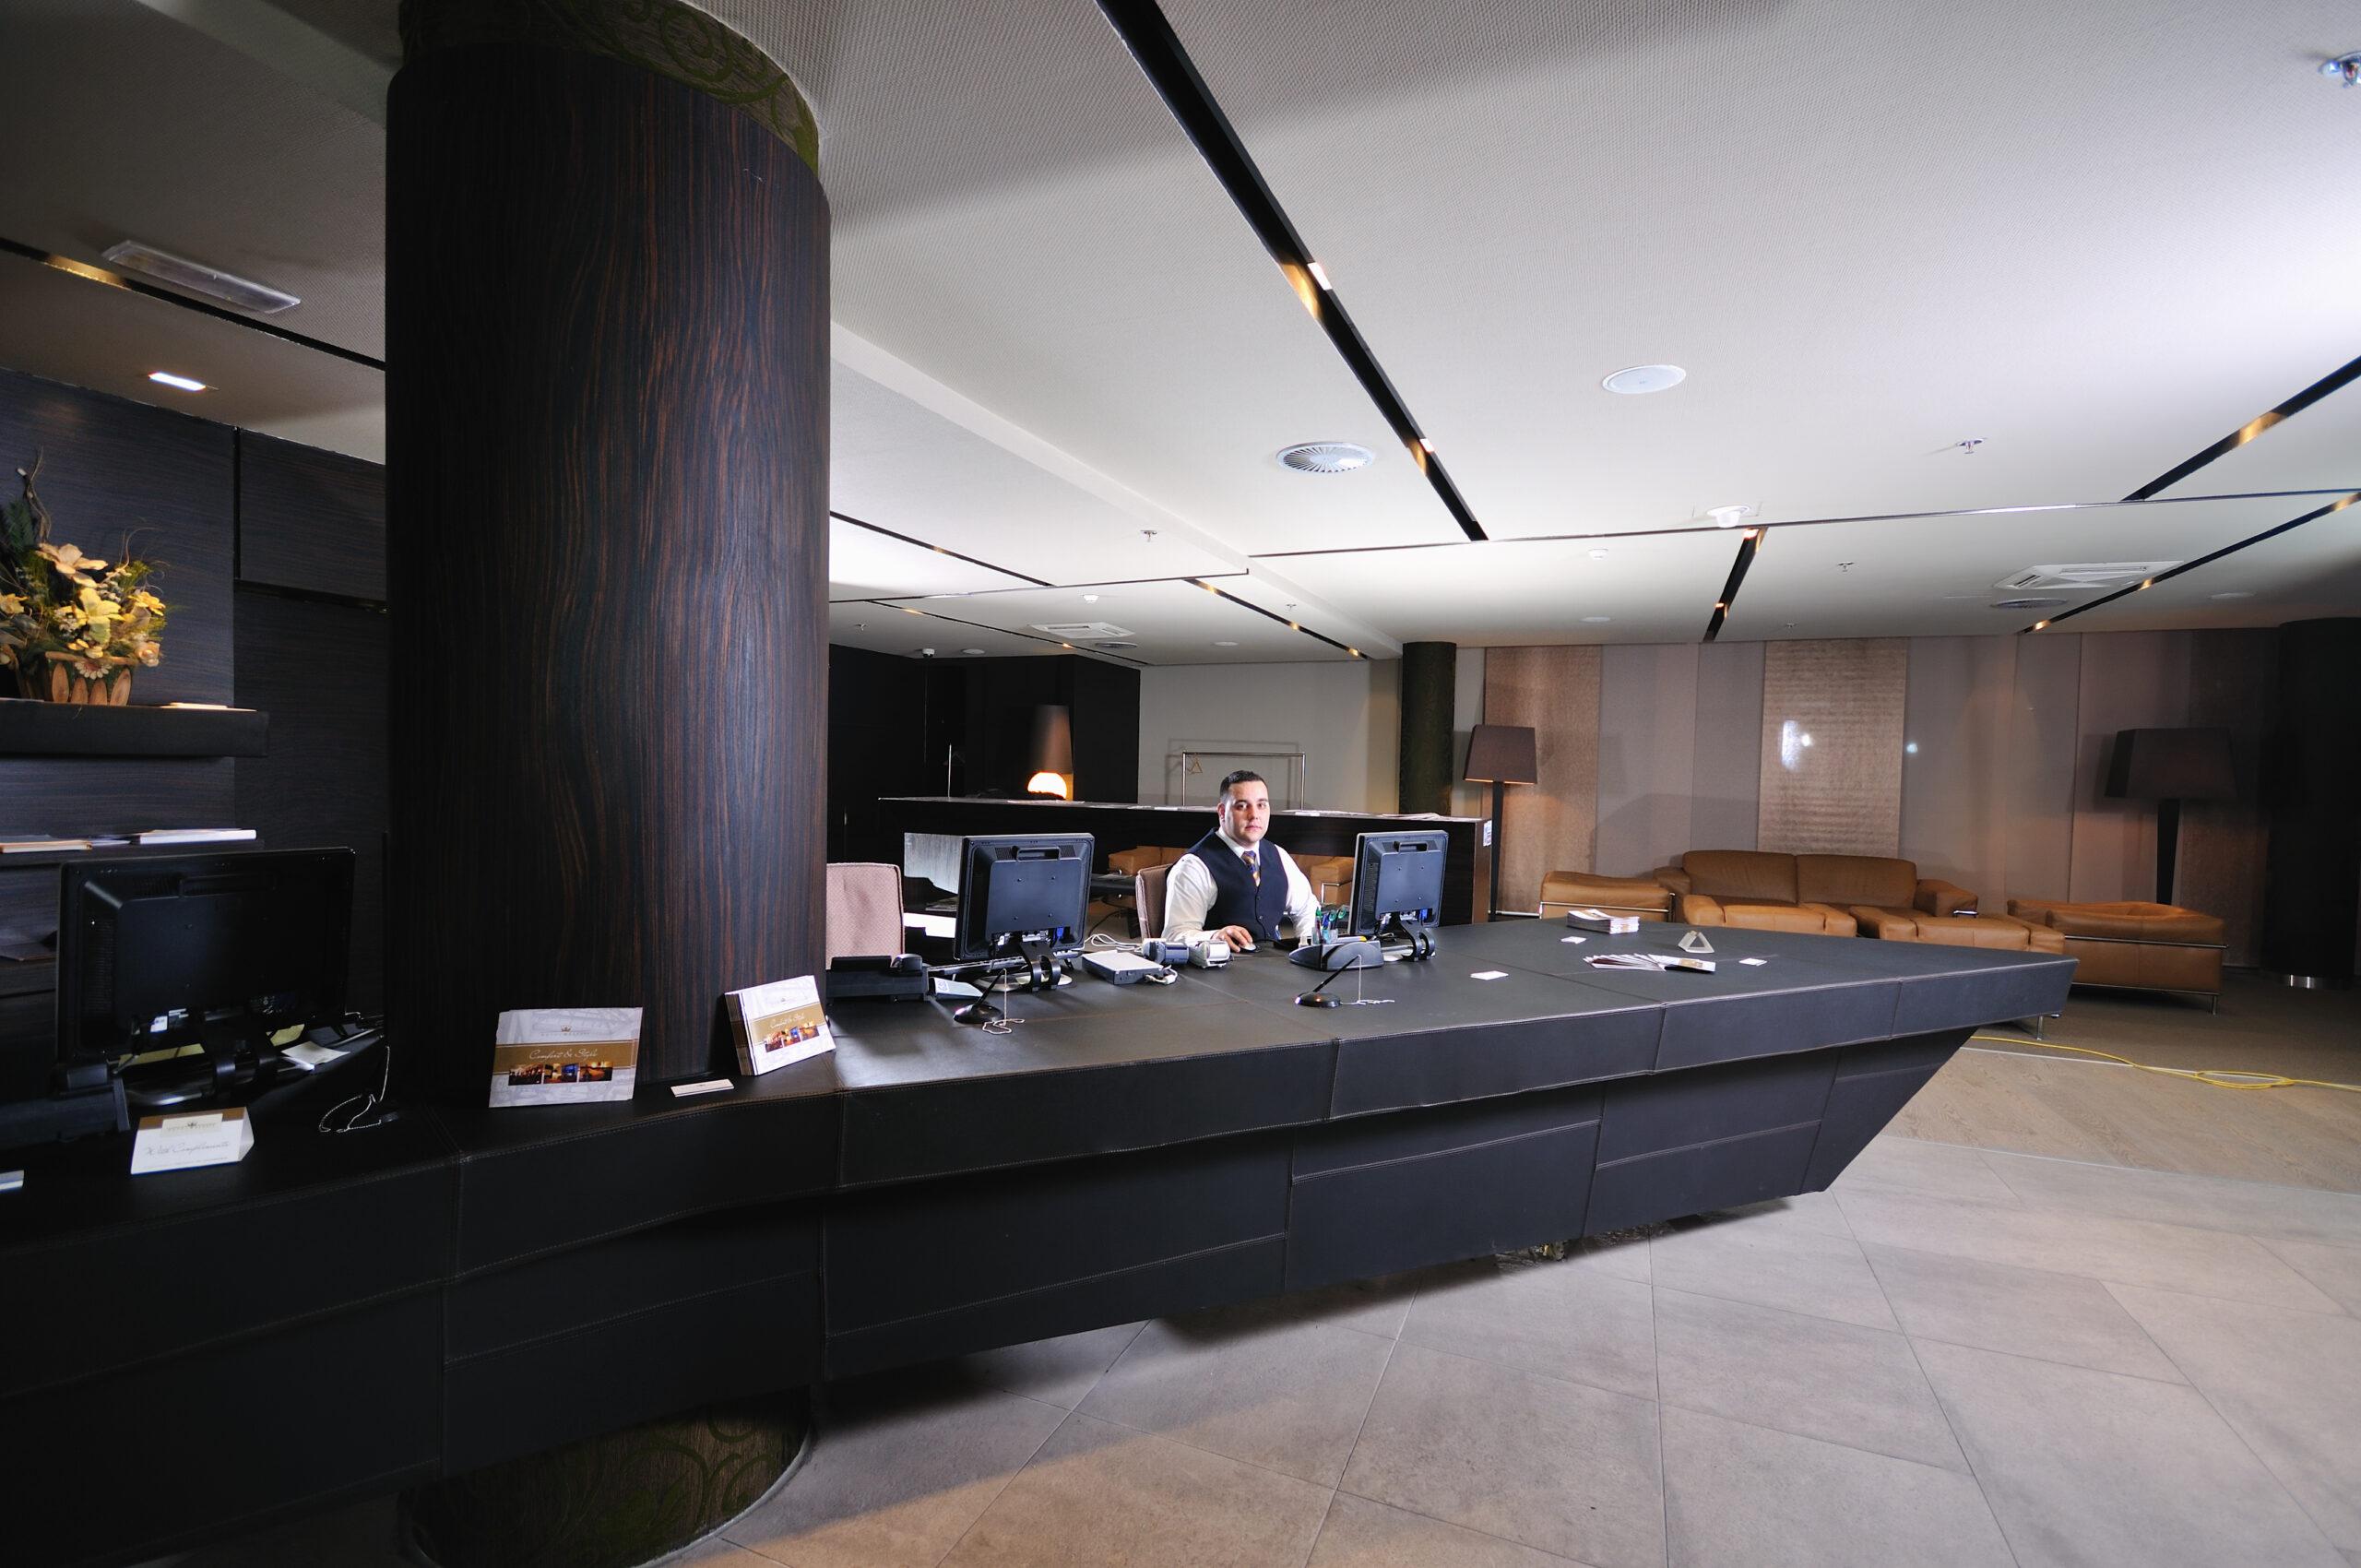 Rezeption garbsen, Pförtnerdienst, Empfangsdienst, Agentur für Sicherheit und Brandschutz, Sicherheitsdienst, Frankfurt/Main